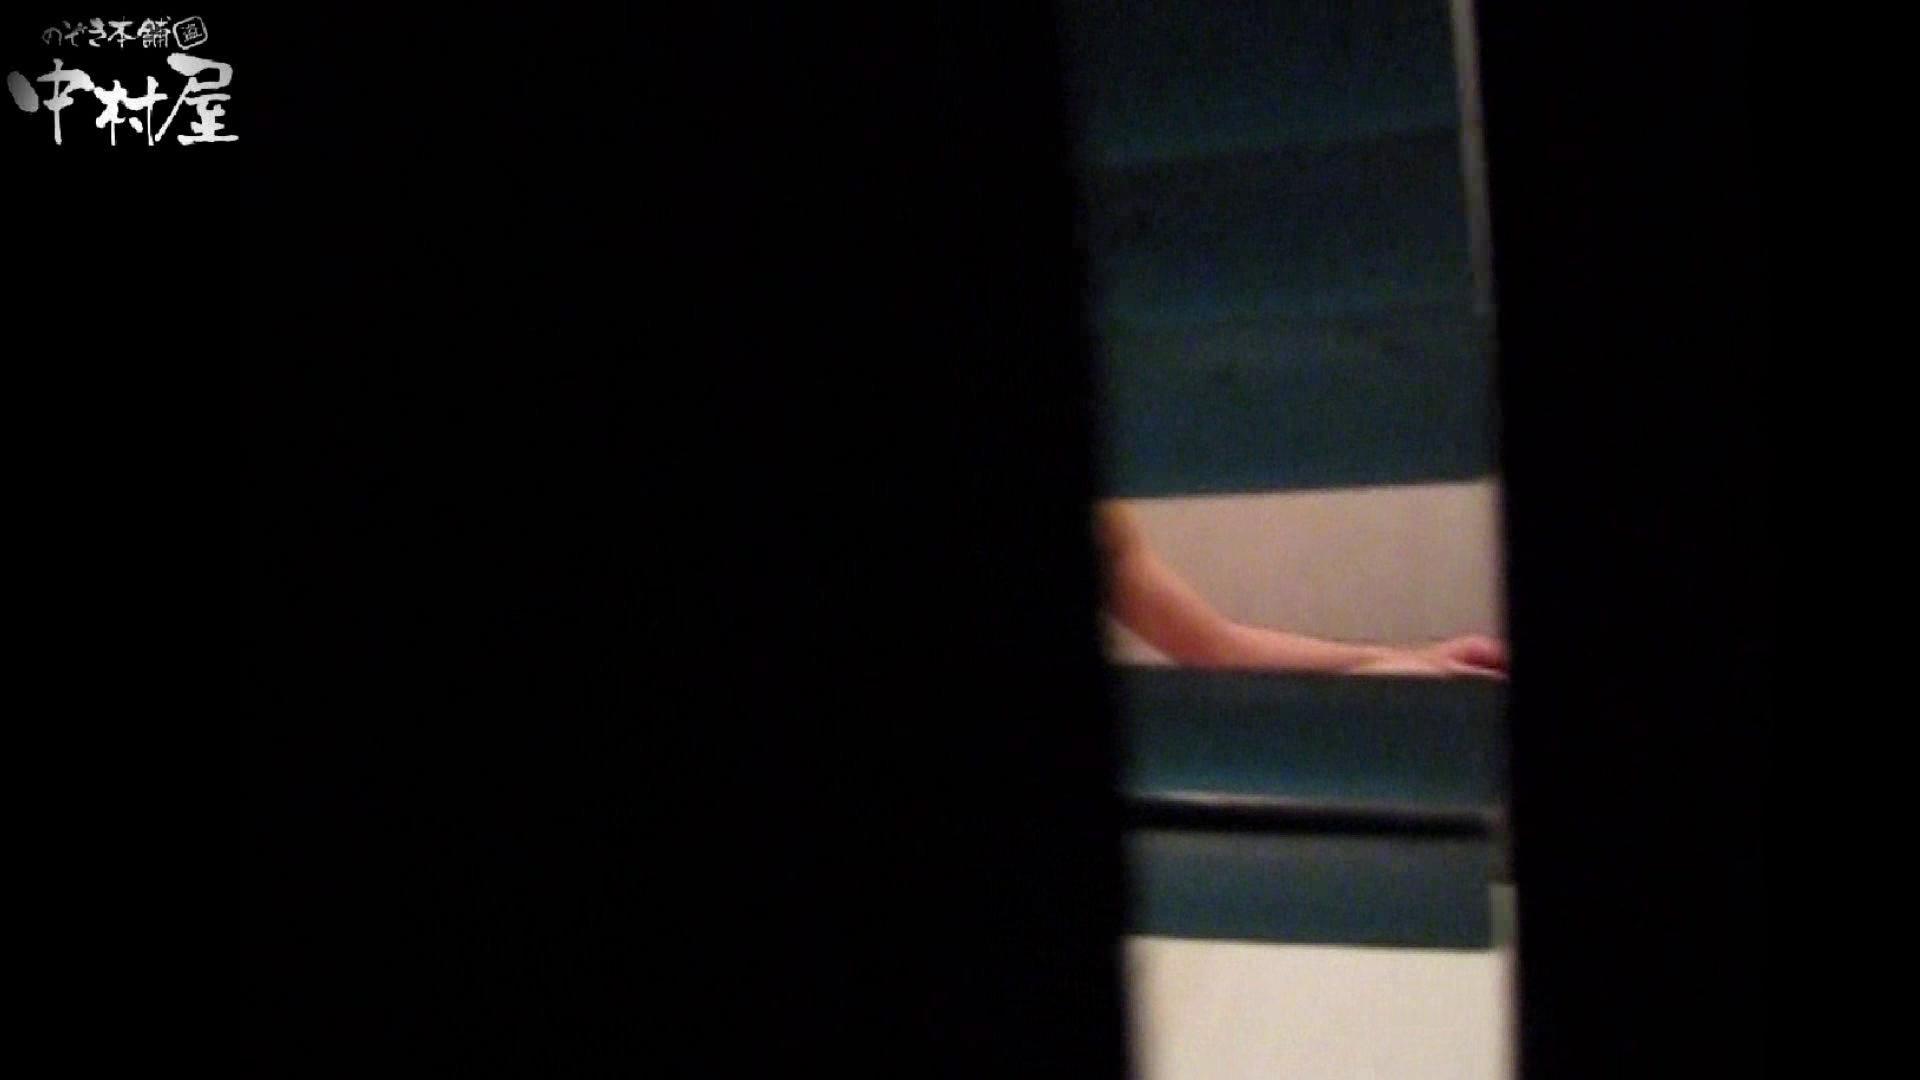 民家風呂専門盗撮師の超危険映像 vol.022 美女まとめ   エロい美少女  76PIX 16